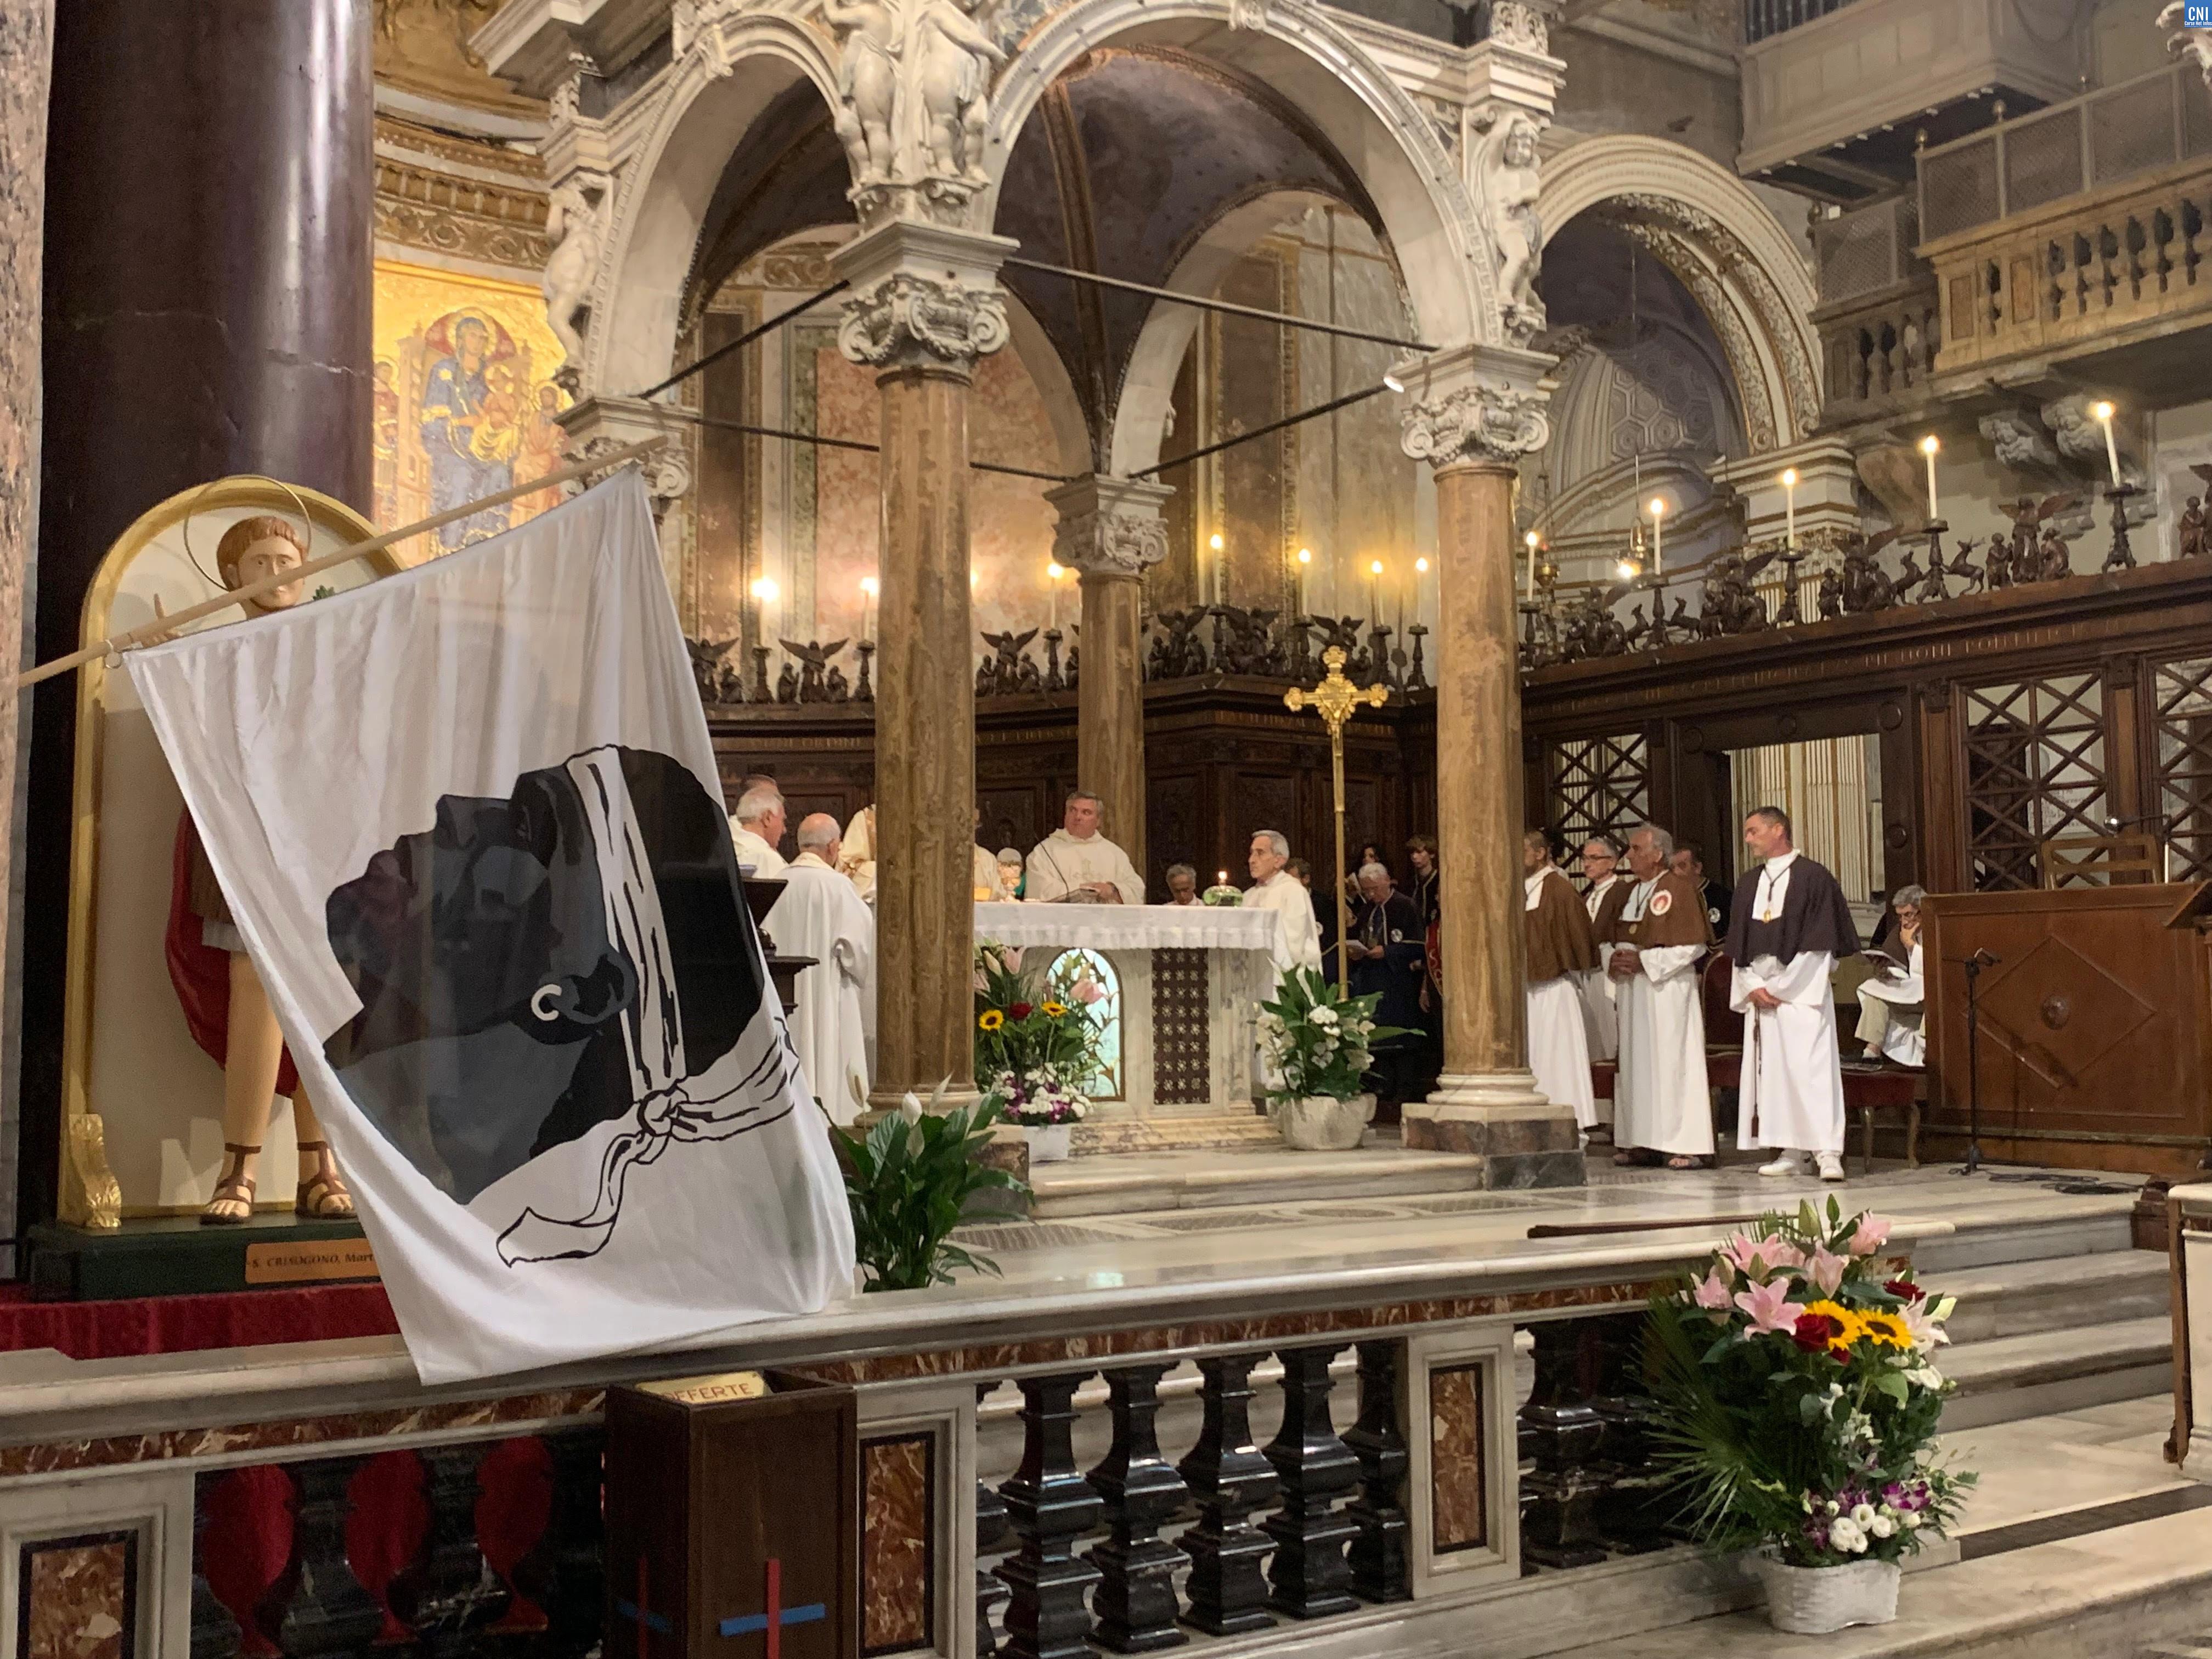 Guardia corsa papale in Roma : messa in lingua corsa in San Grisogono è prucessio di à Madonna Fiumarola